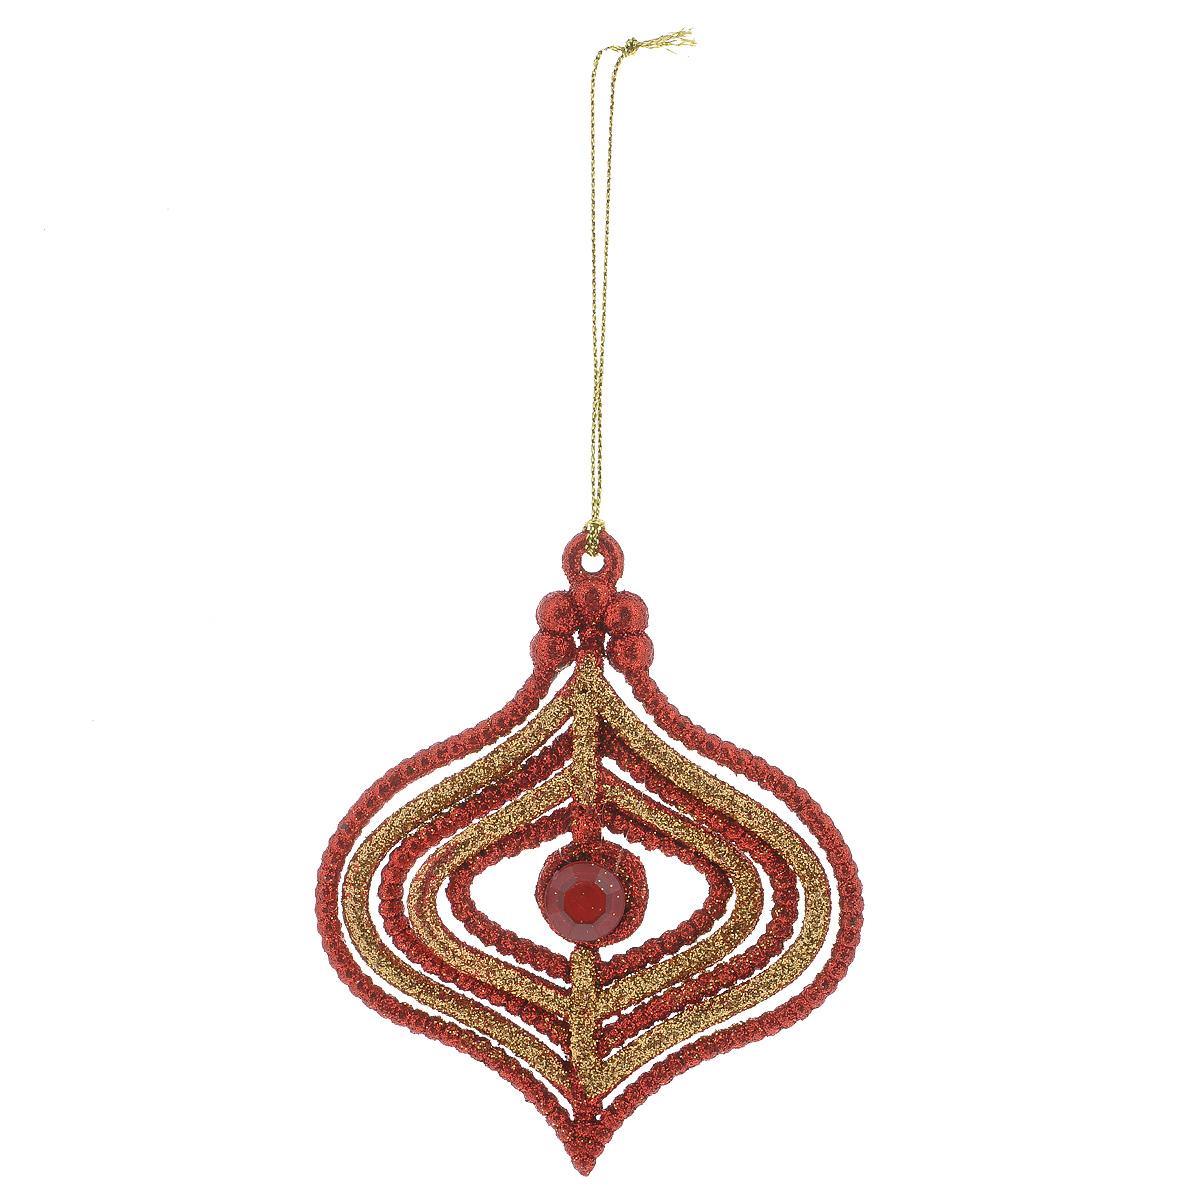 Новогоднее подвесное украшение Капля, цвет: красный, золотистый35010Оригинальное новогоднее украшение из пластика прекрасно подойдет для праздничного декора дома и новогодней ели. Изделие крепится на елку с помощью металлического зажима.